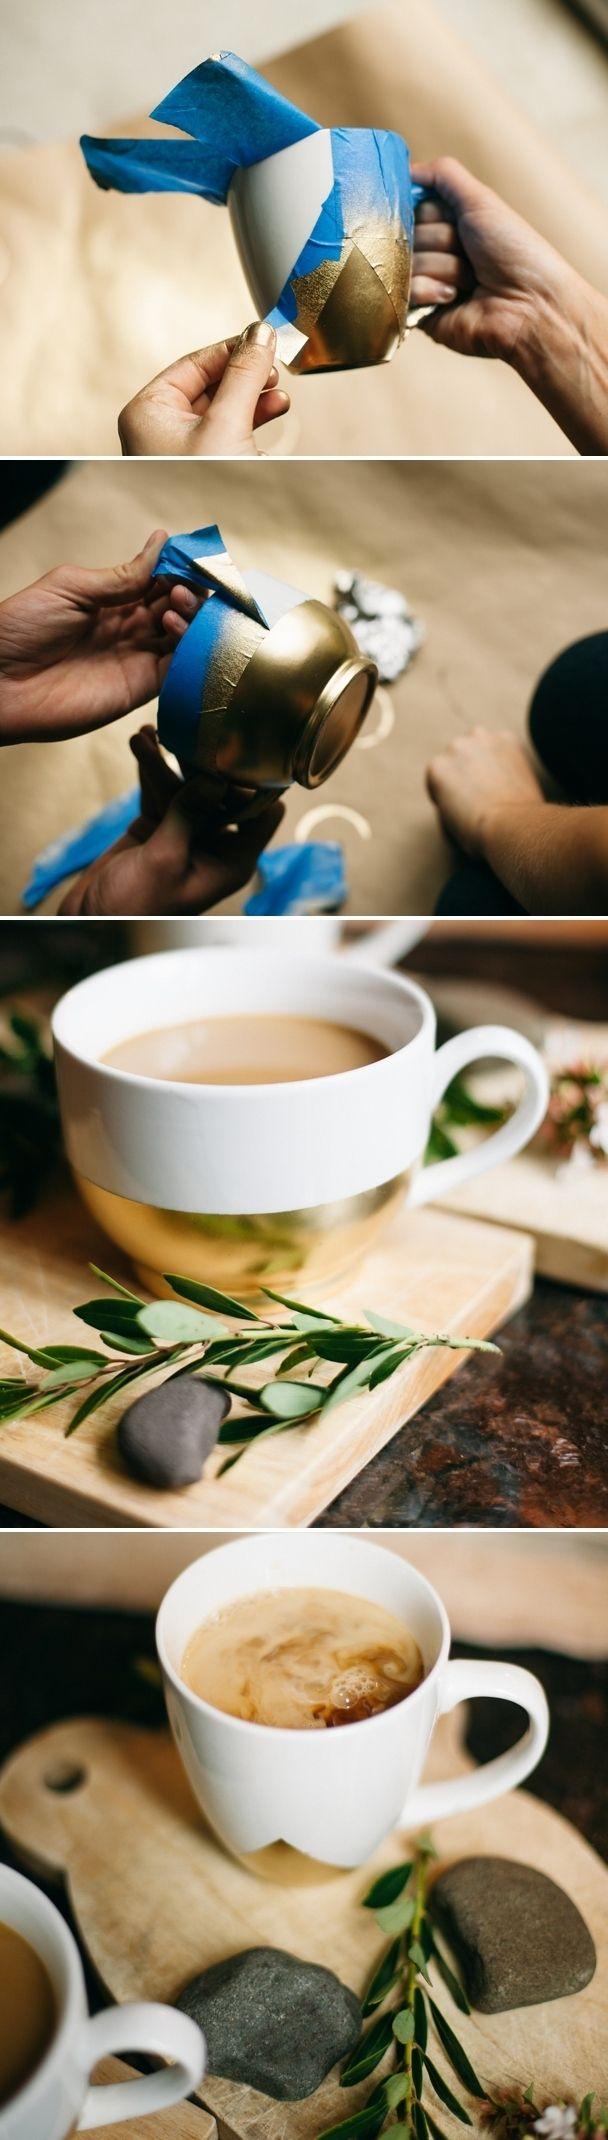 Více Než Nejlepších Nápadů Na Pinterestu Na Téma Painted Mugs - Diy creative painted mug